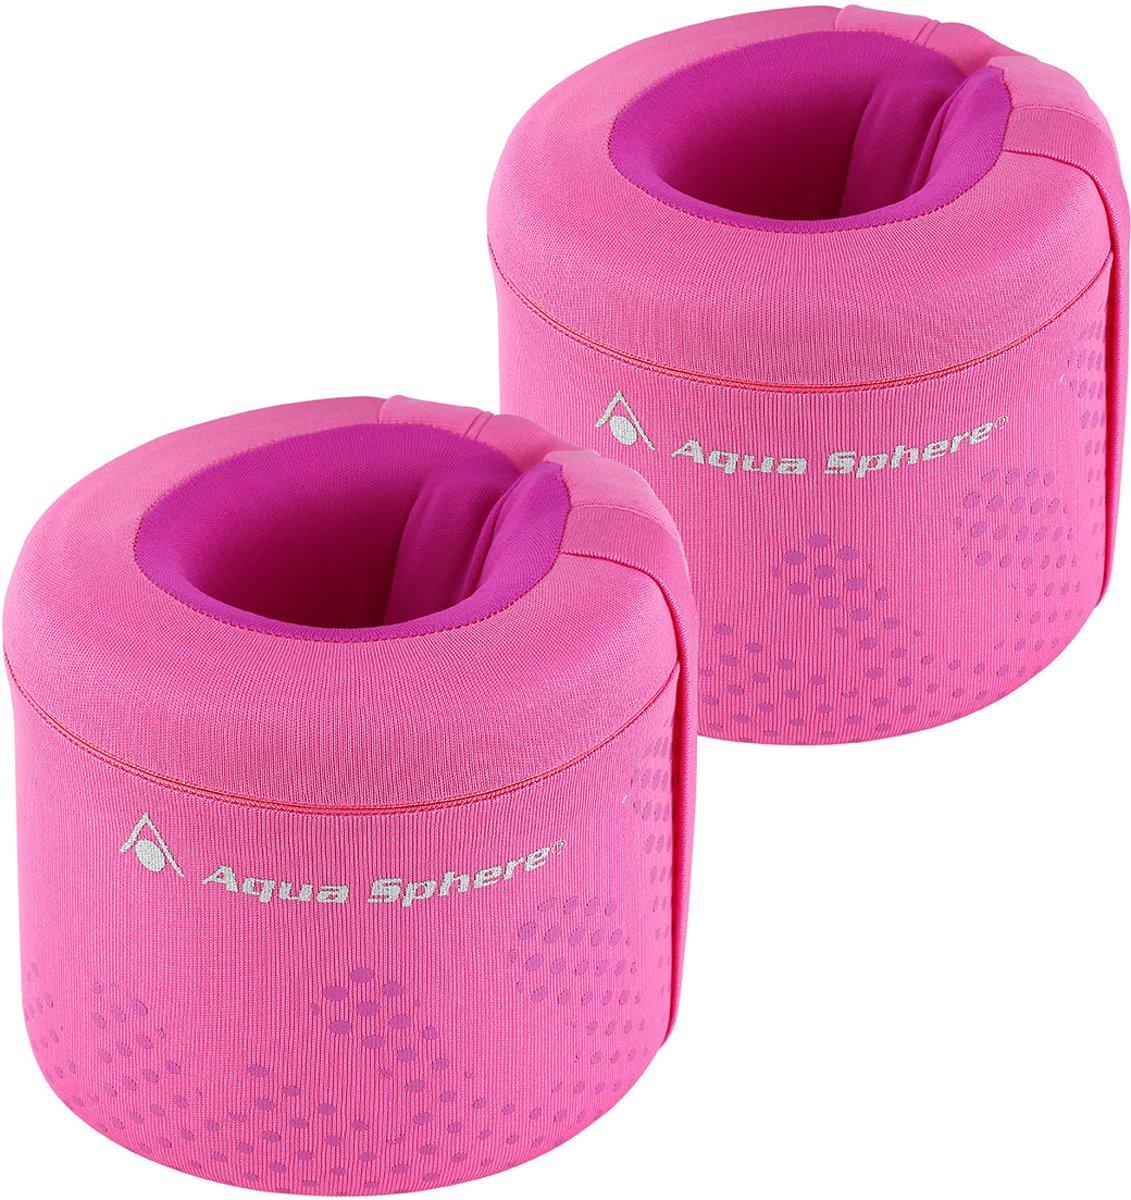 Michael Phelps Arm Floats - Zwembandjes - Junior - 3-6 jaar (18-30kg) - Roze/Paars